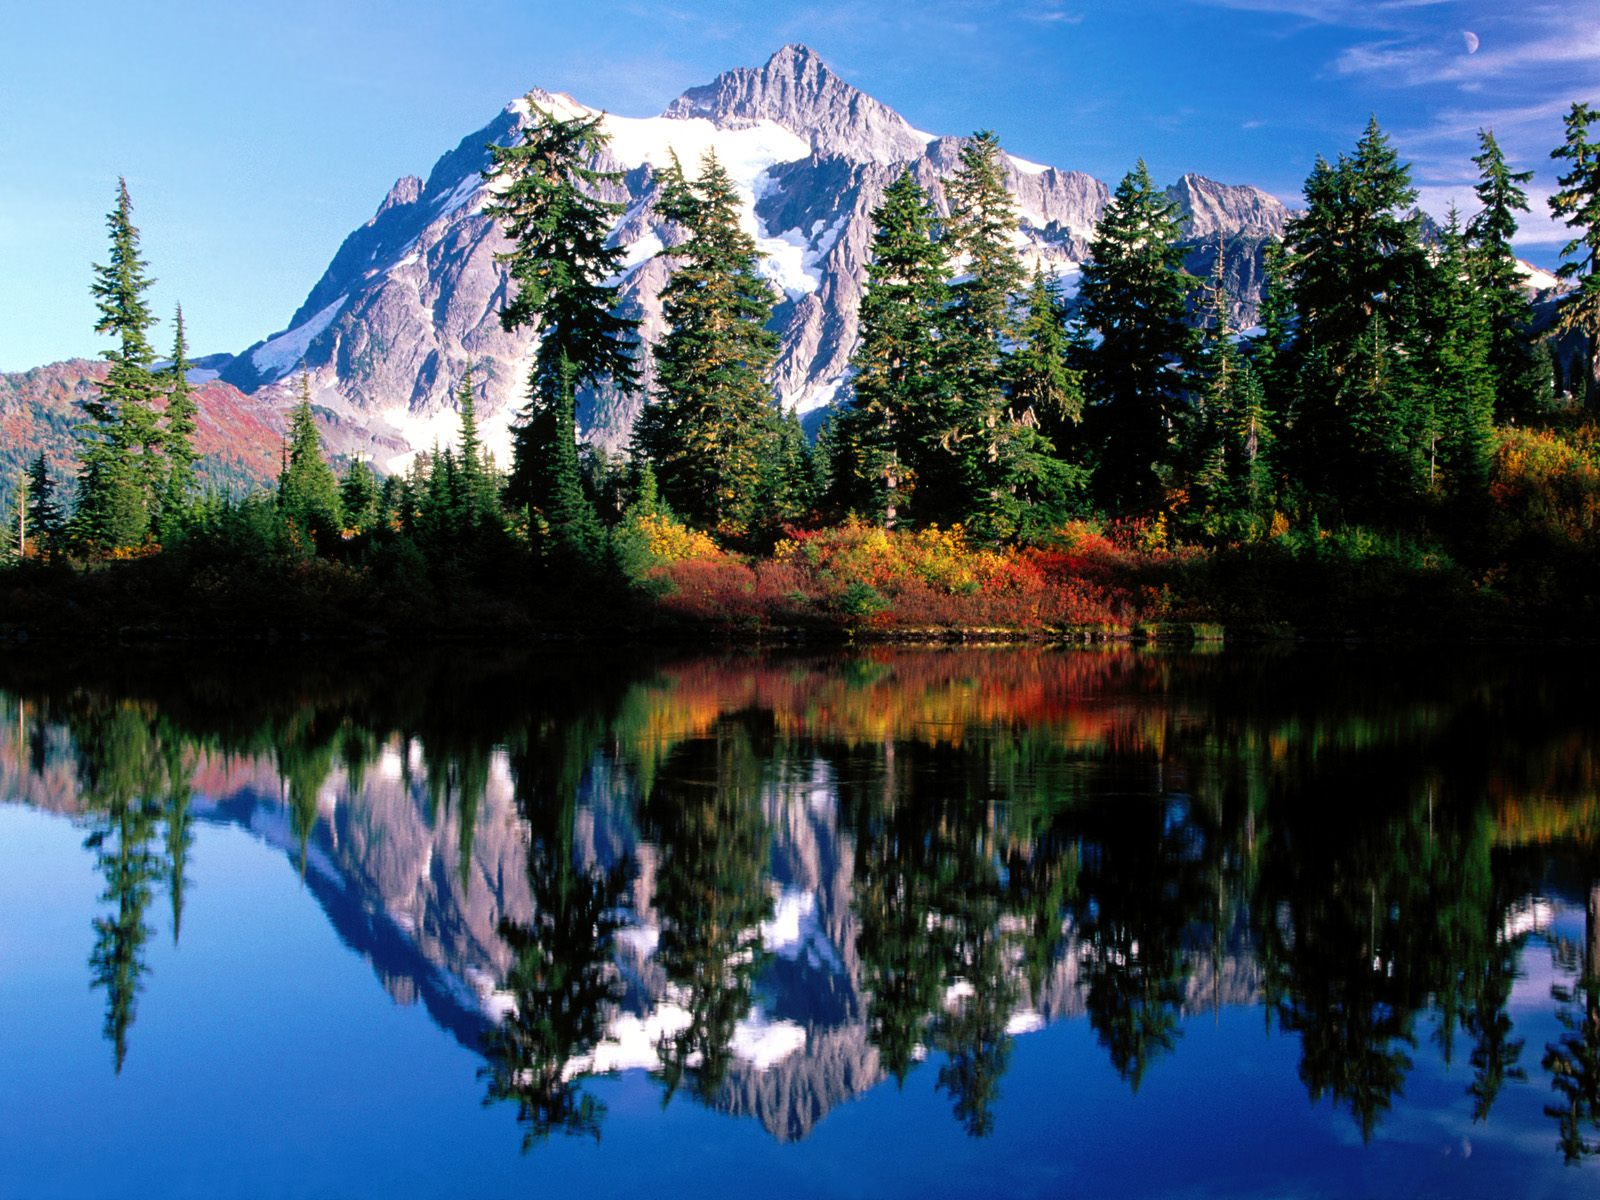 красивые картинки про горы группа обсудит минимизацию